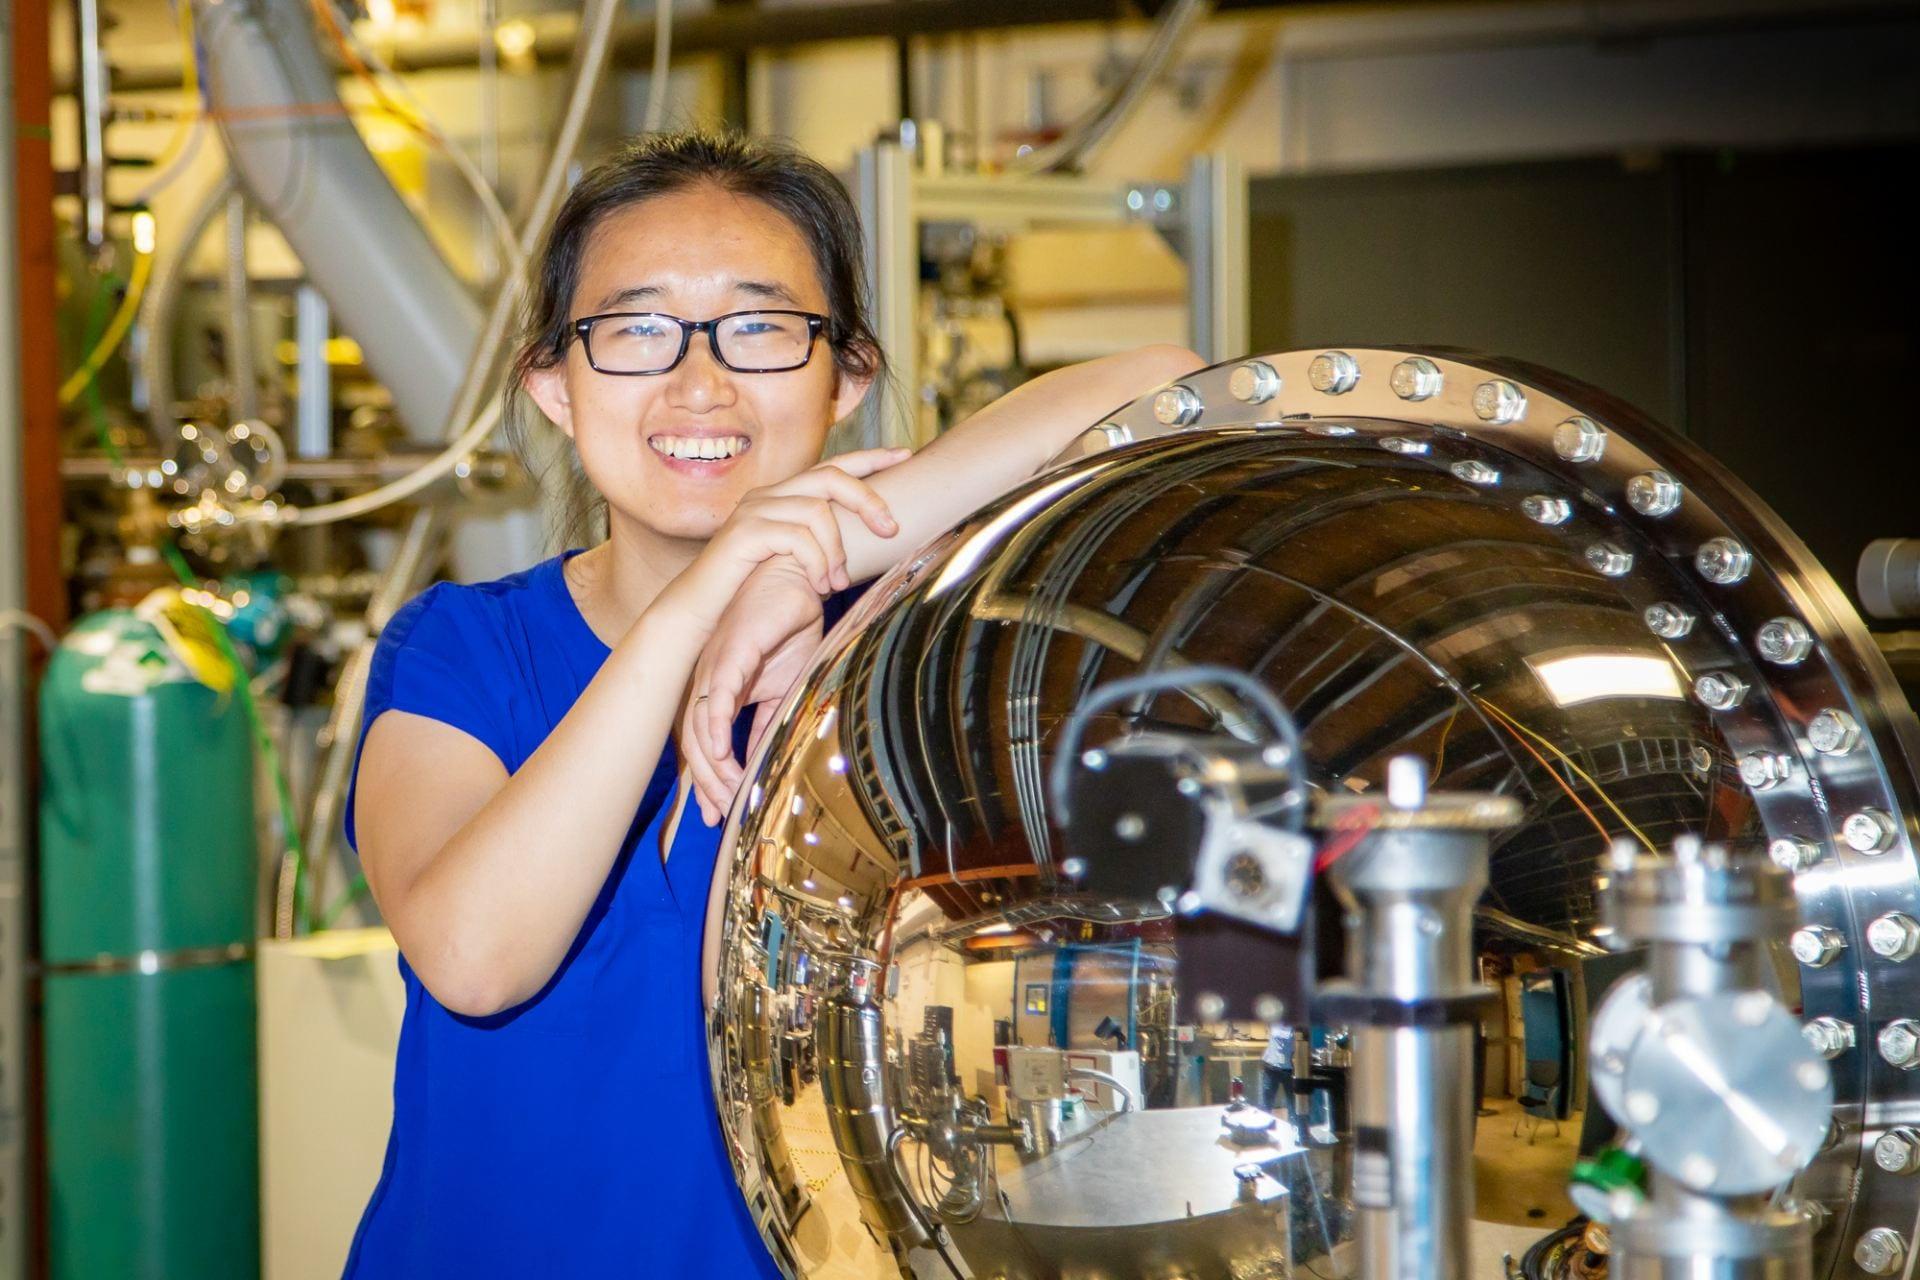 Rice University physicist Ming Yi